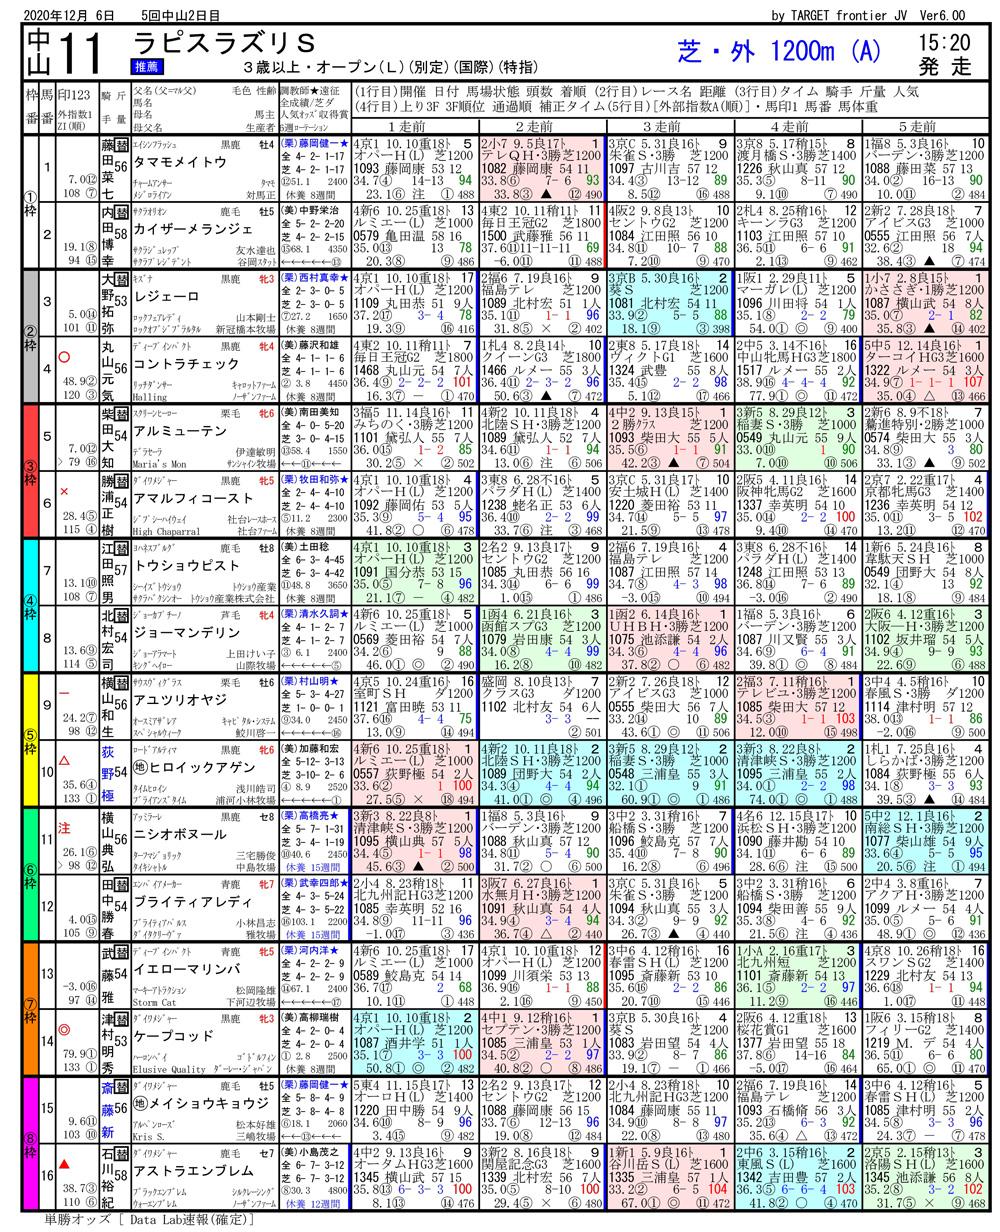 2020年12月06日開催 中山11R ラピスラズリS 電脳競馬新聞 馬単107,160円馬券的中